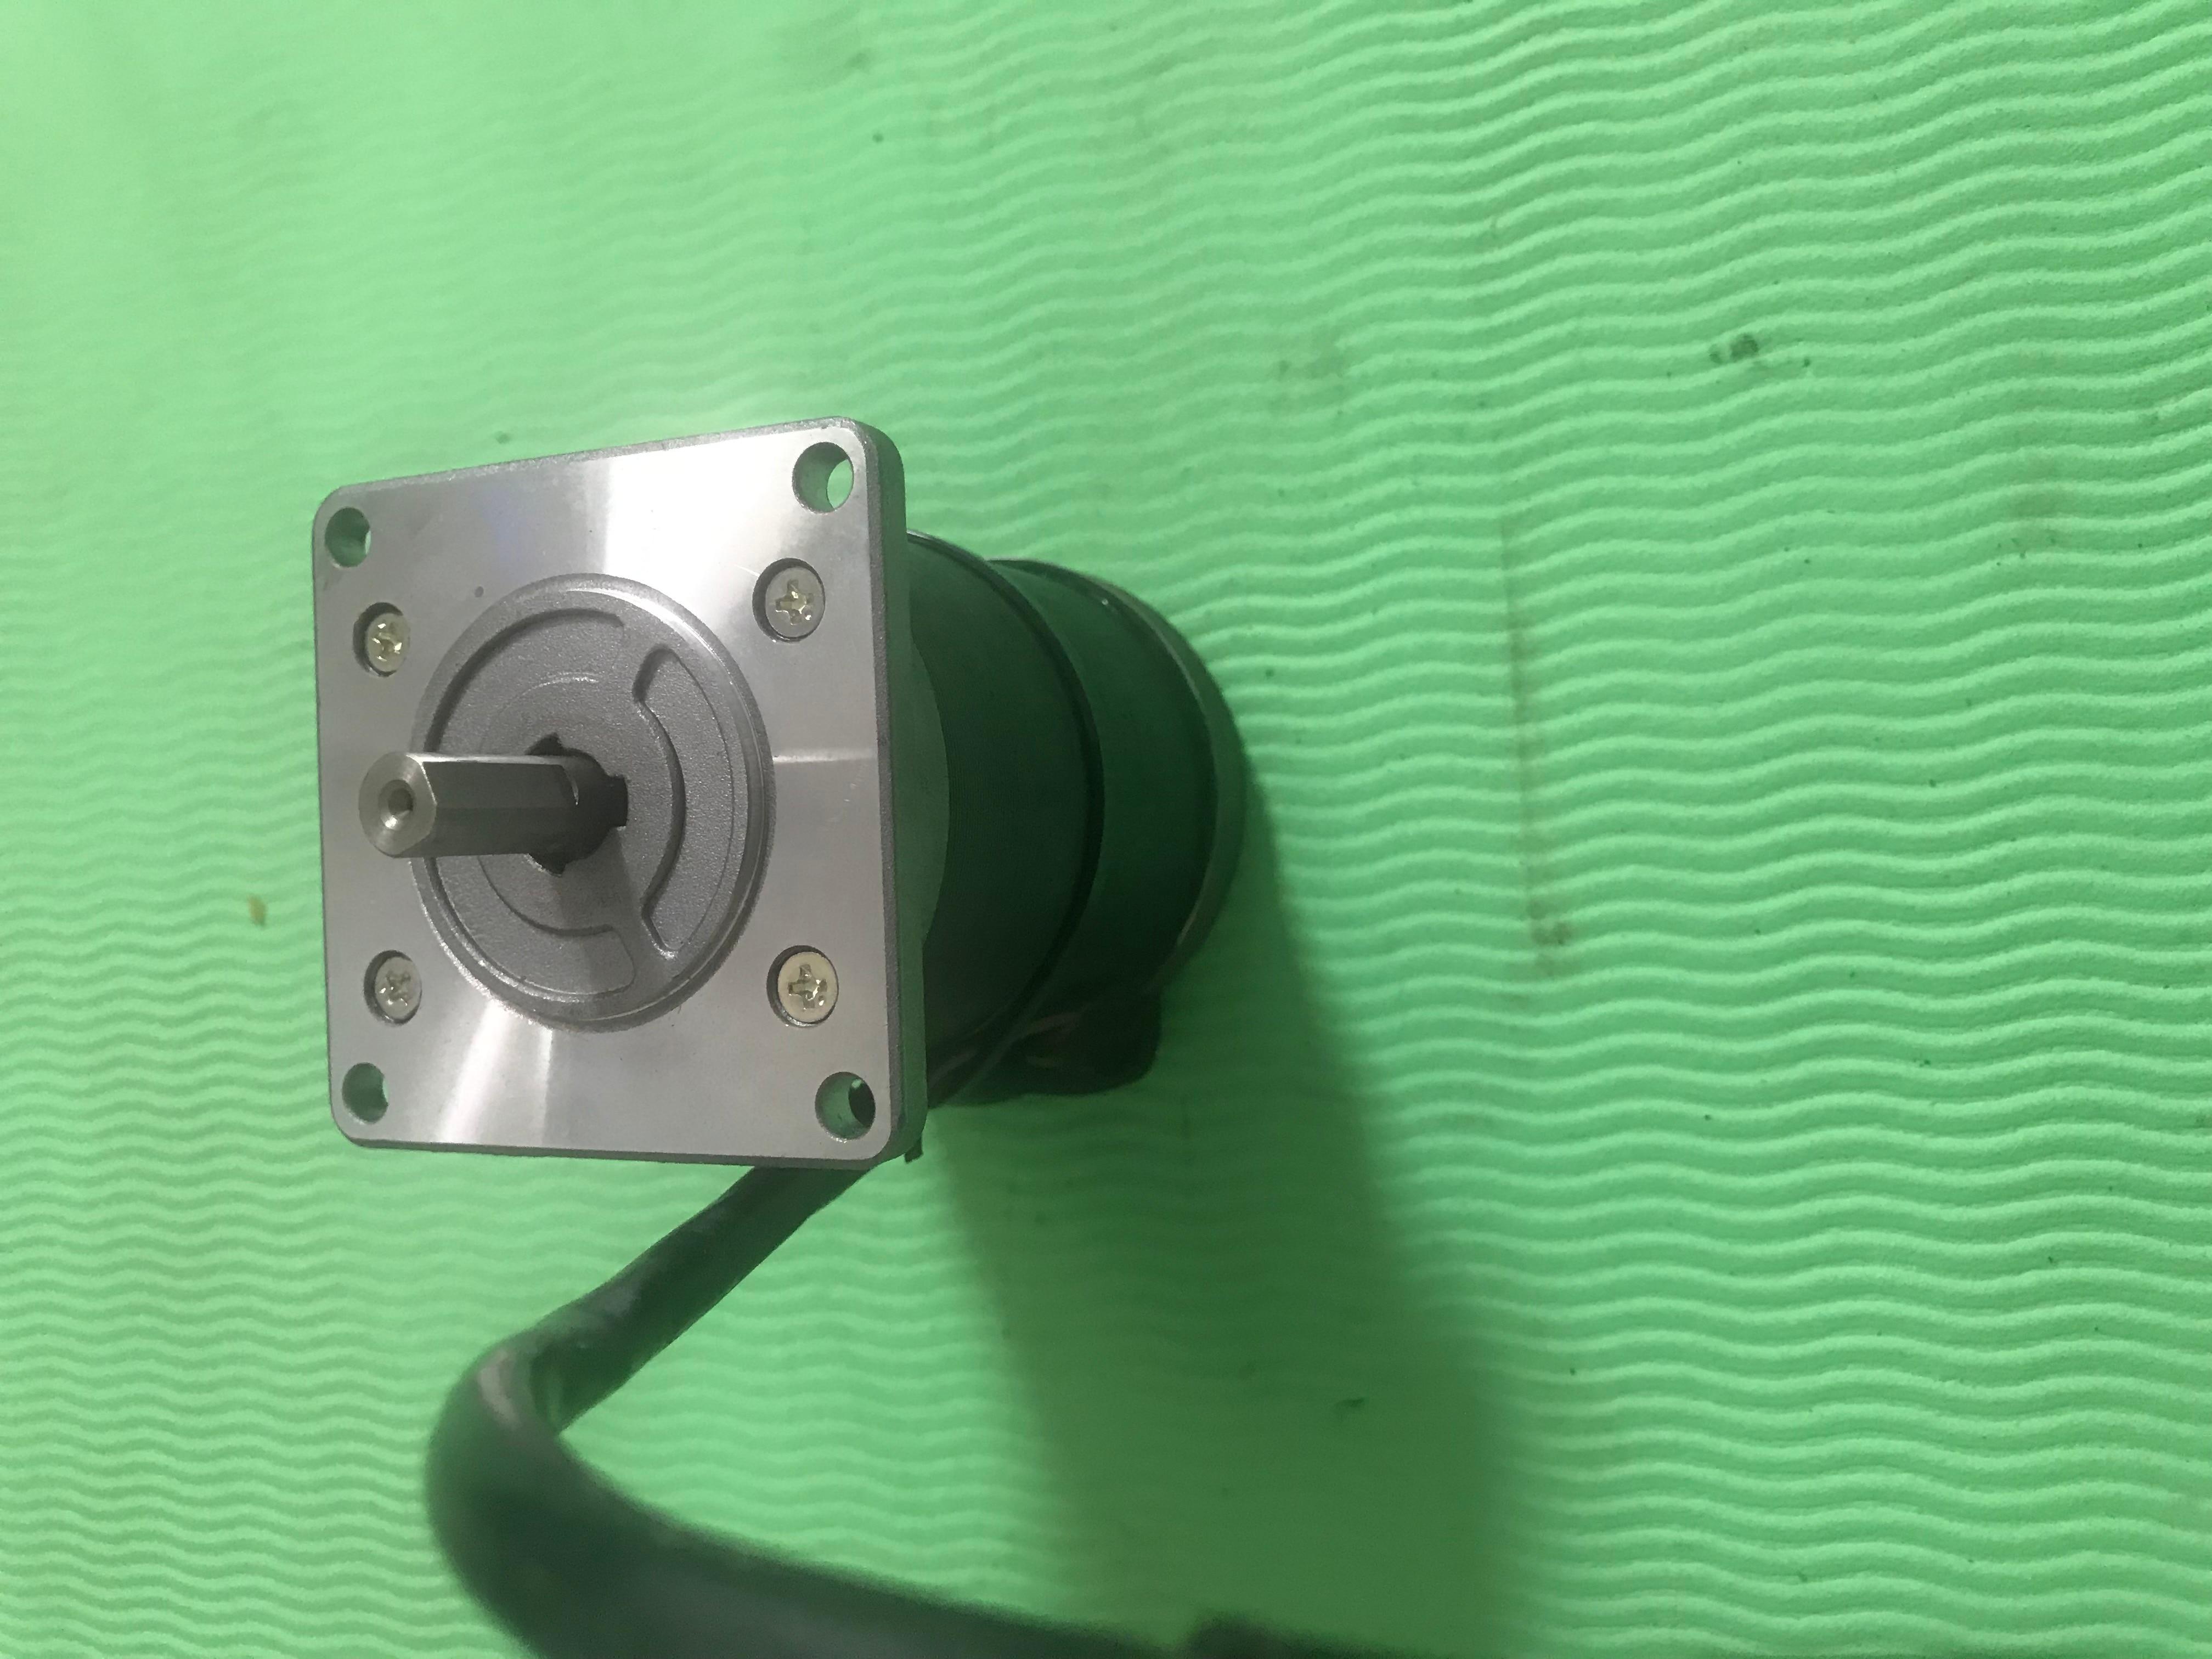 محرك سيرفو 103H7523-7054, مستعمل ، مظهر جديد 90% ، اختبار البضائع ، شحن مجاني